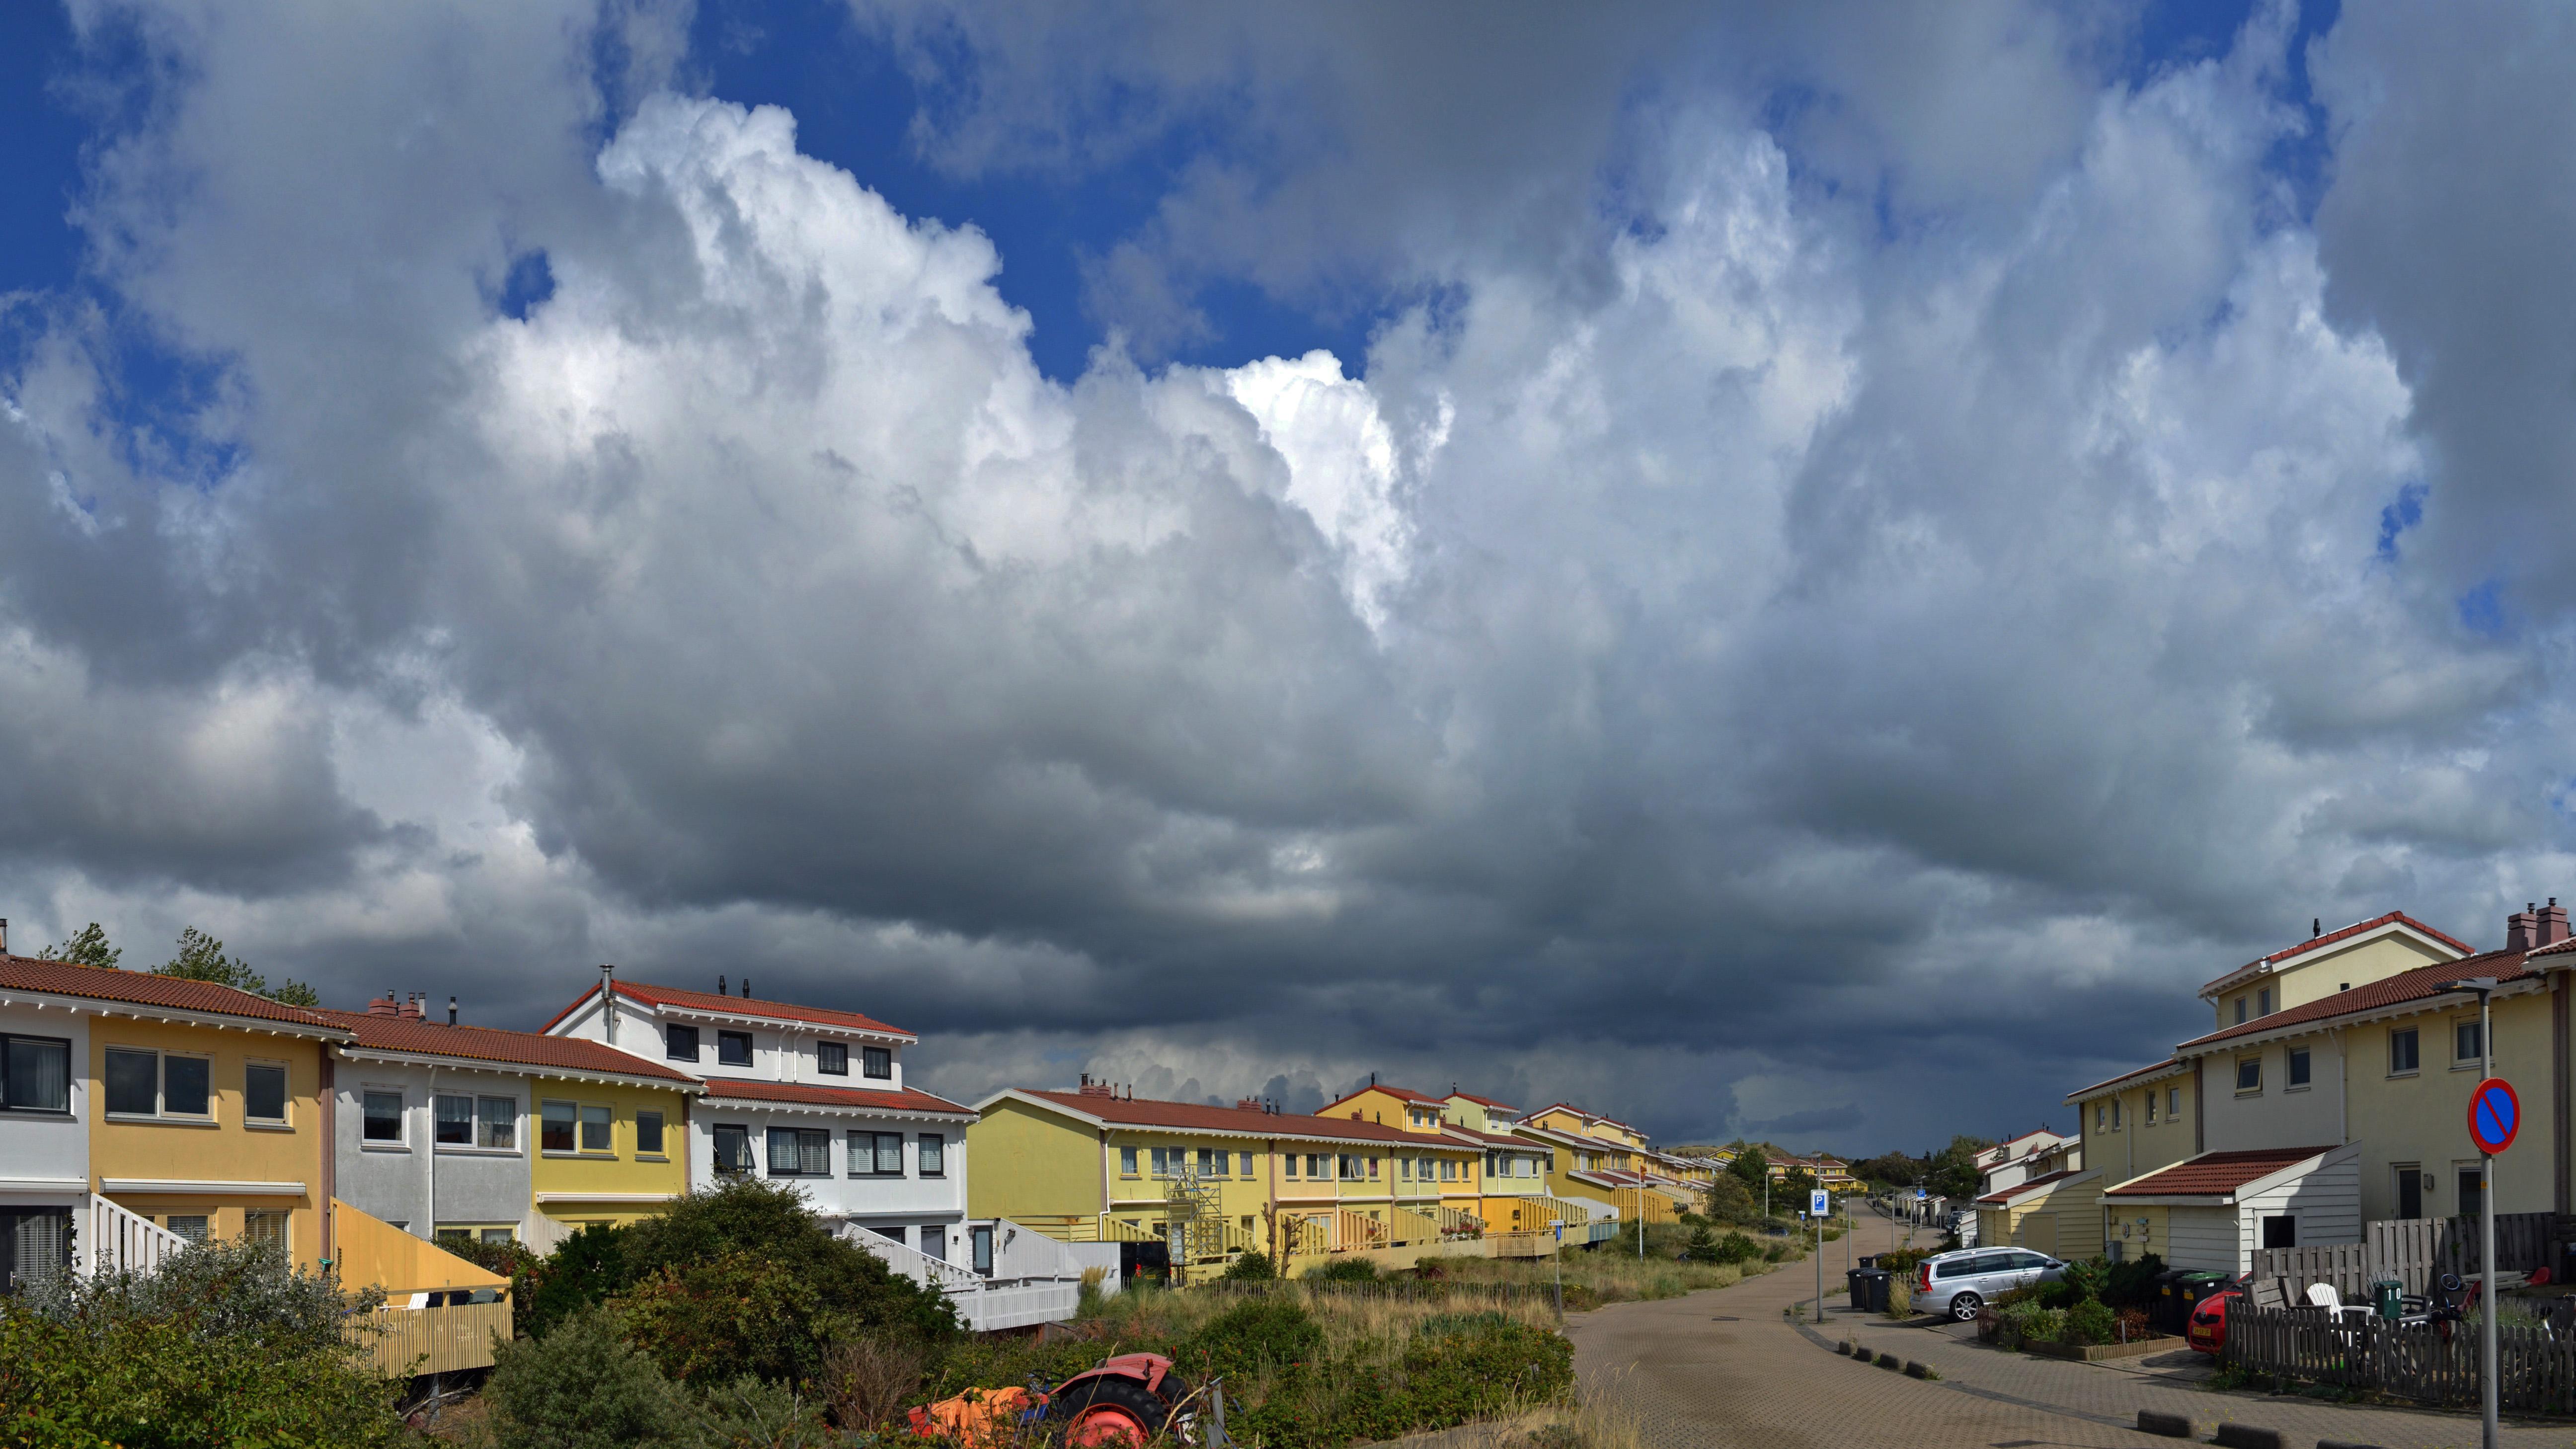 Donkere wolken boven het kustdorp  (Foto: Sjef Kenniphaas).